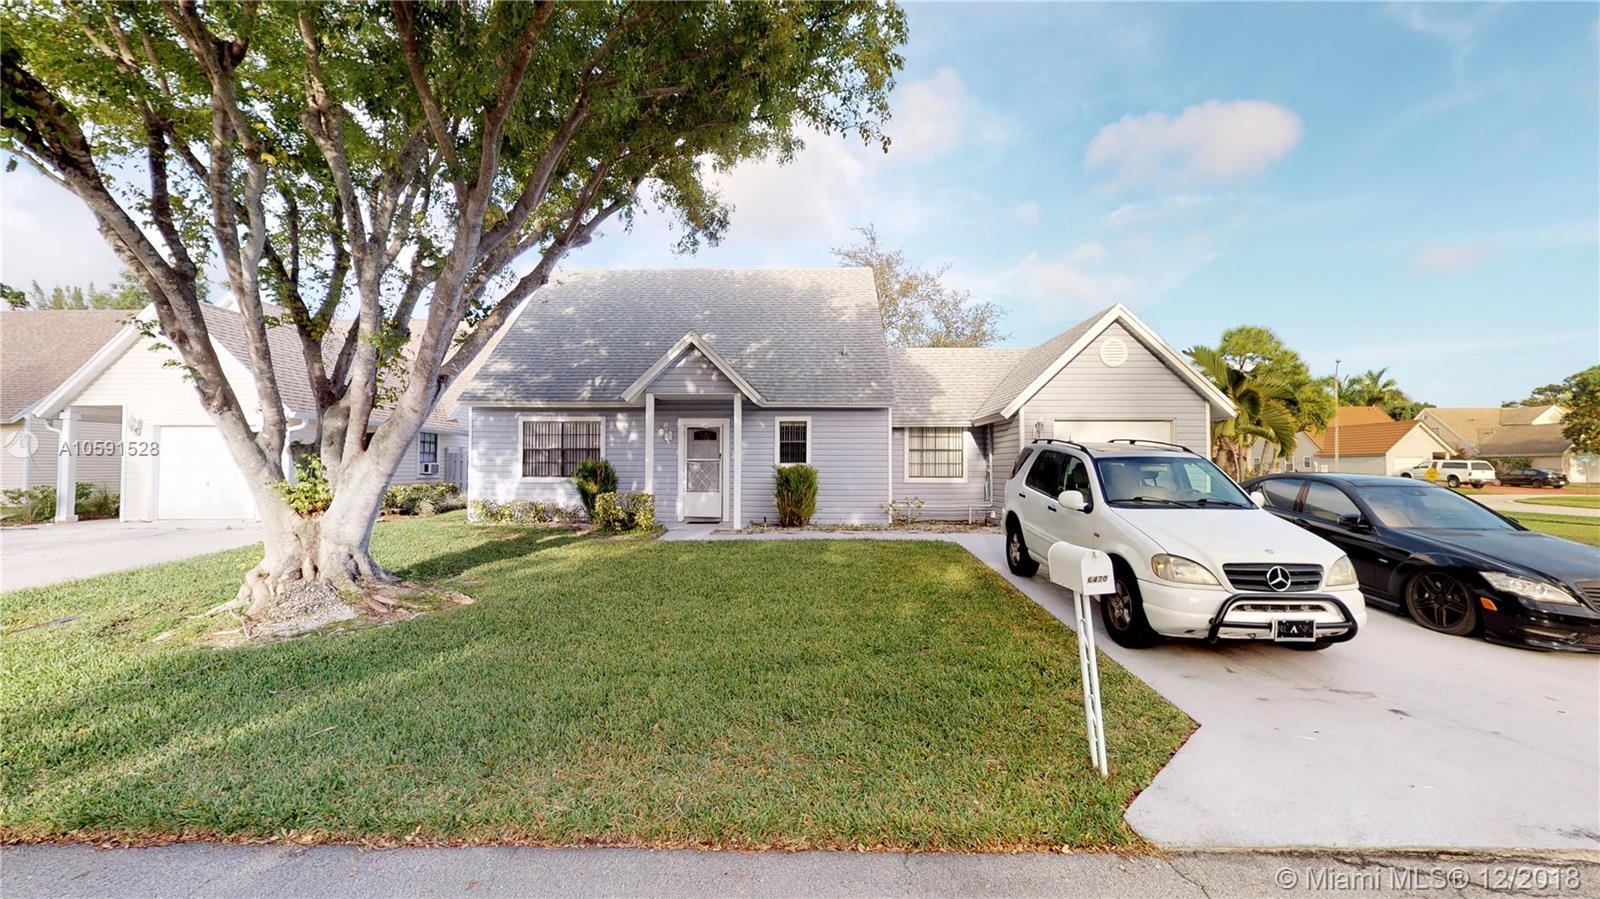 6470 Pinyon Pine Ct, Lake Worth, FL 33462